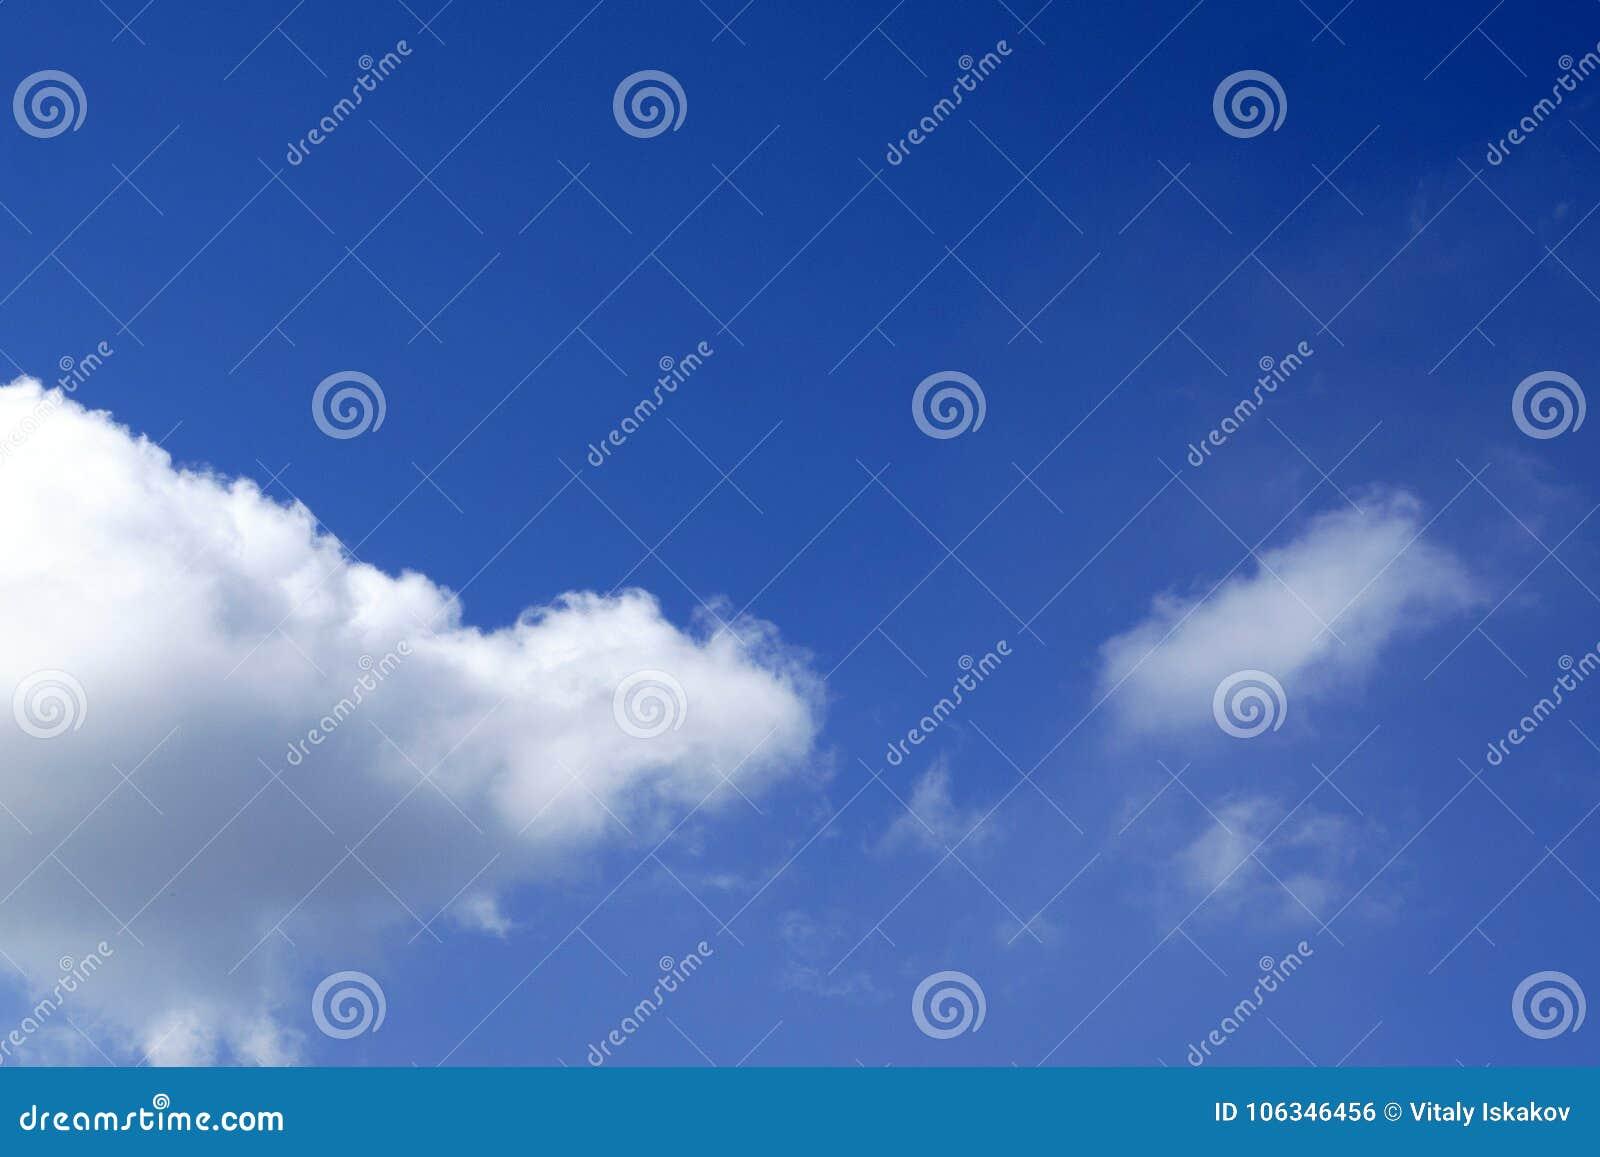 El cielo azul claro de la primavera con las nubes, se puede utilizar como fondo